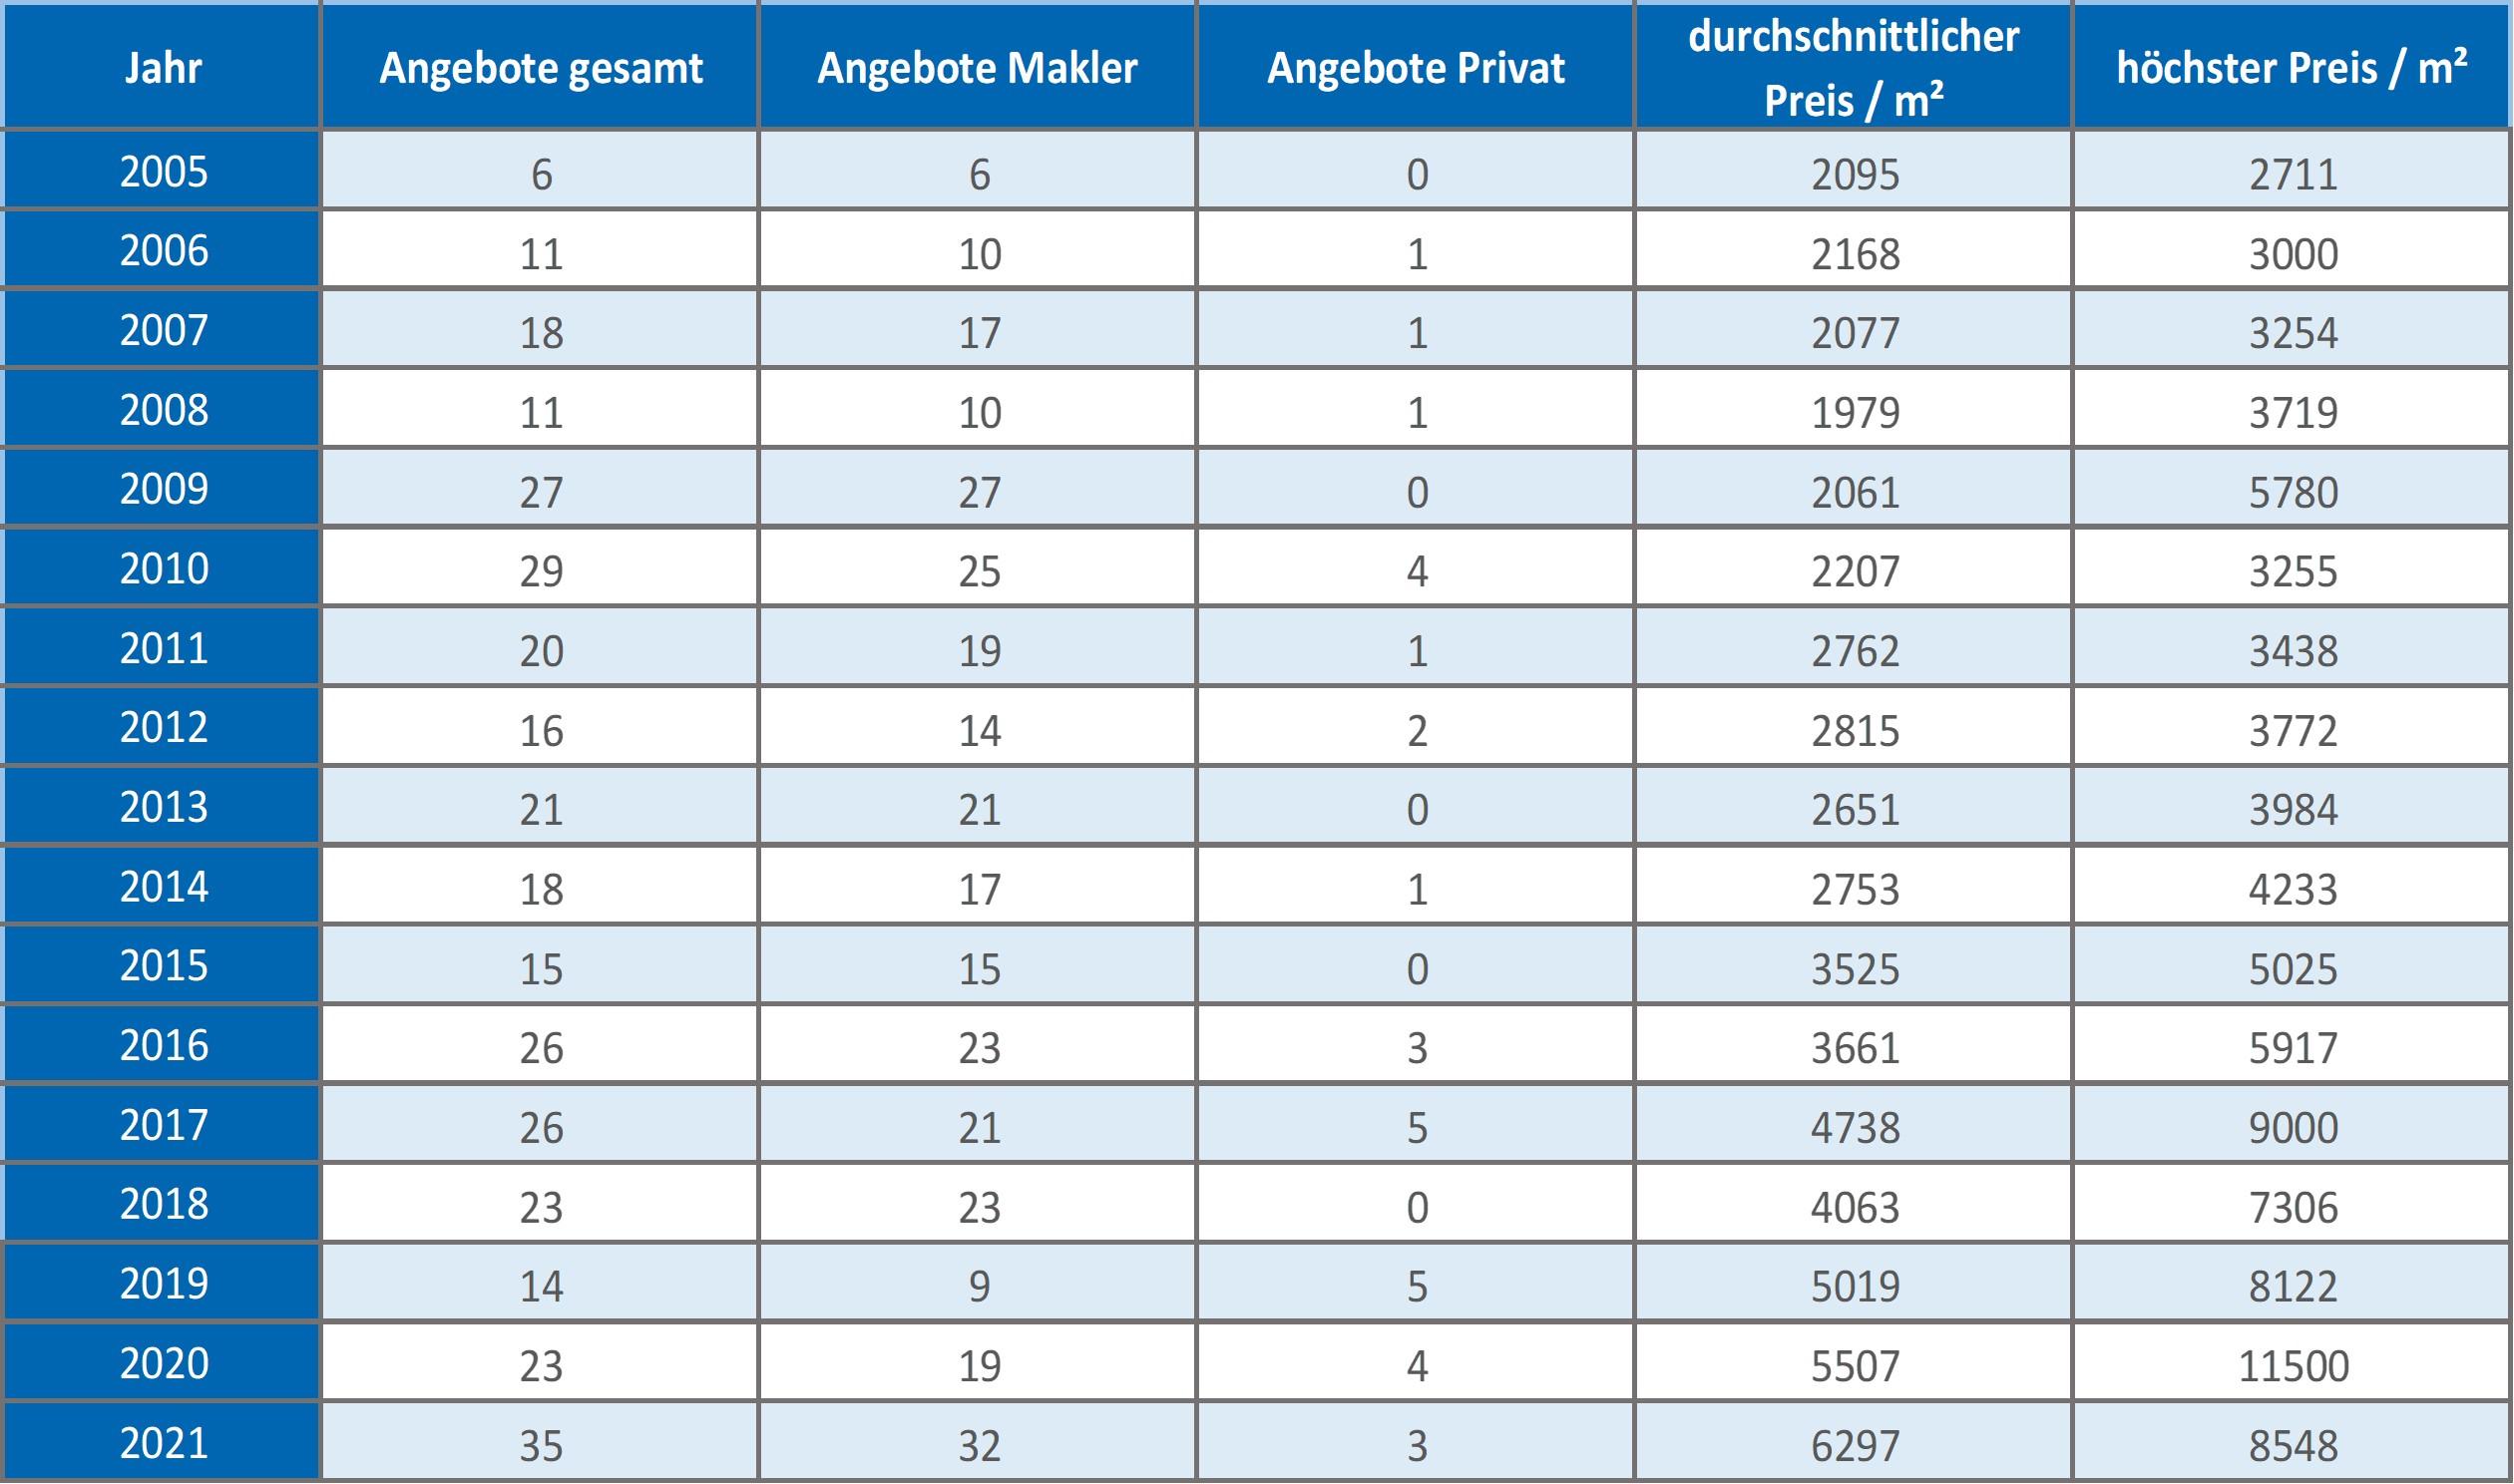 Dachau-Mehrfamilienhaus-kaufen-verkaufen-Makler 2019 2020 2021